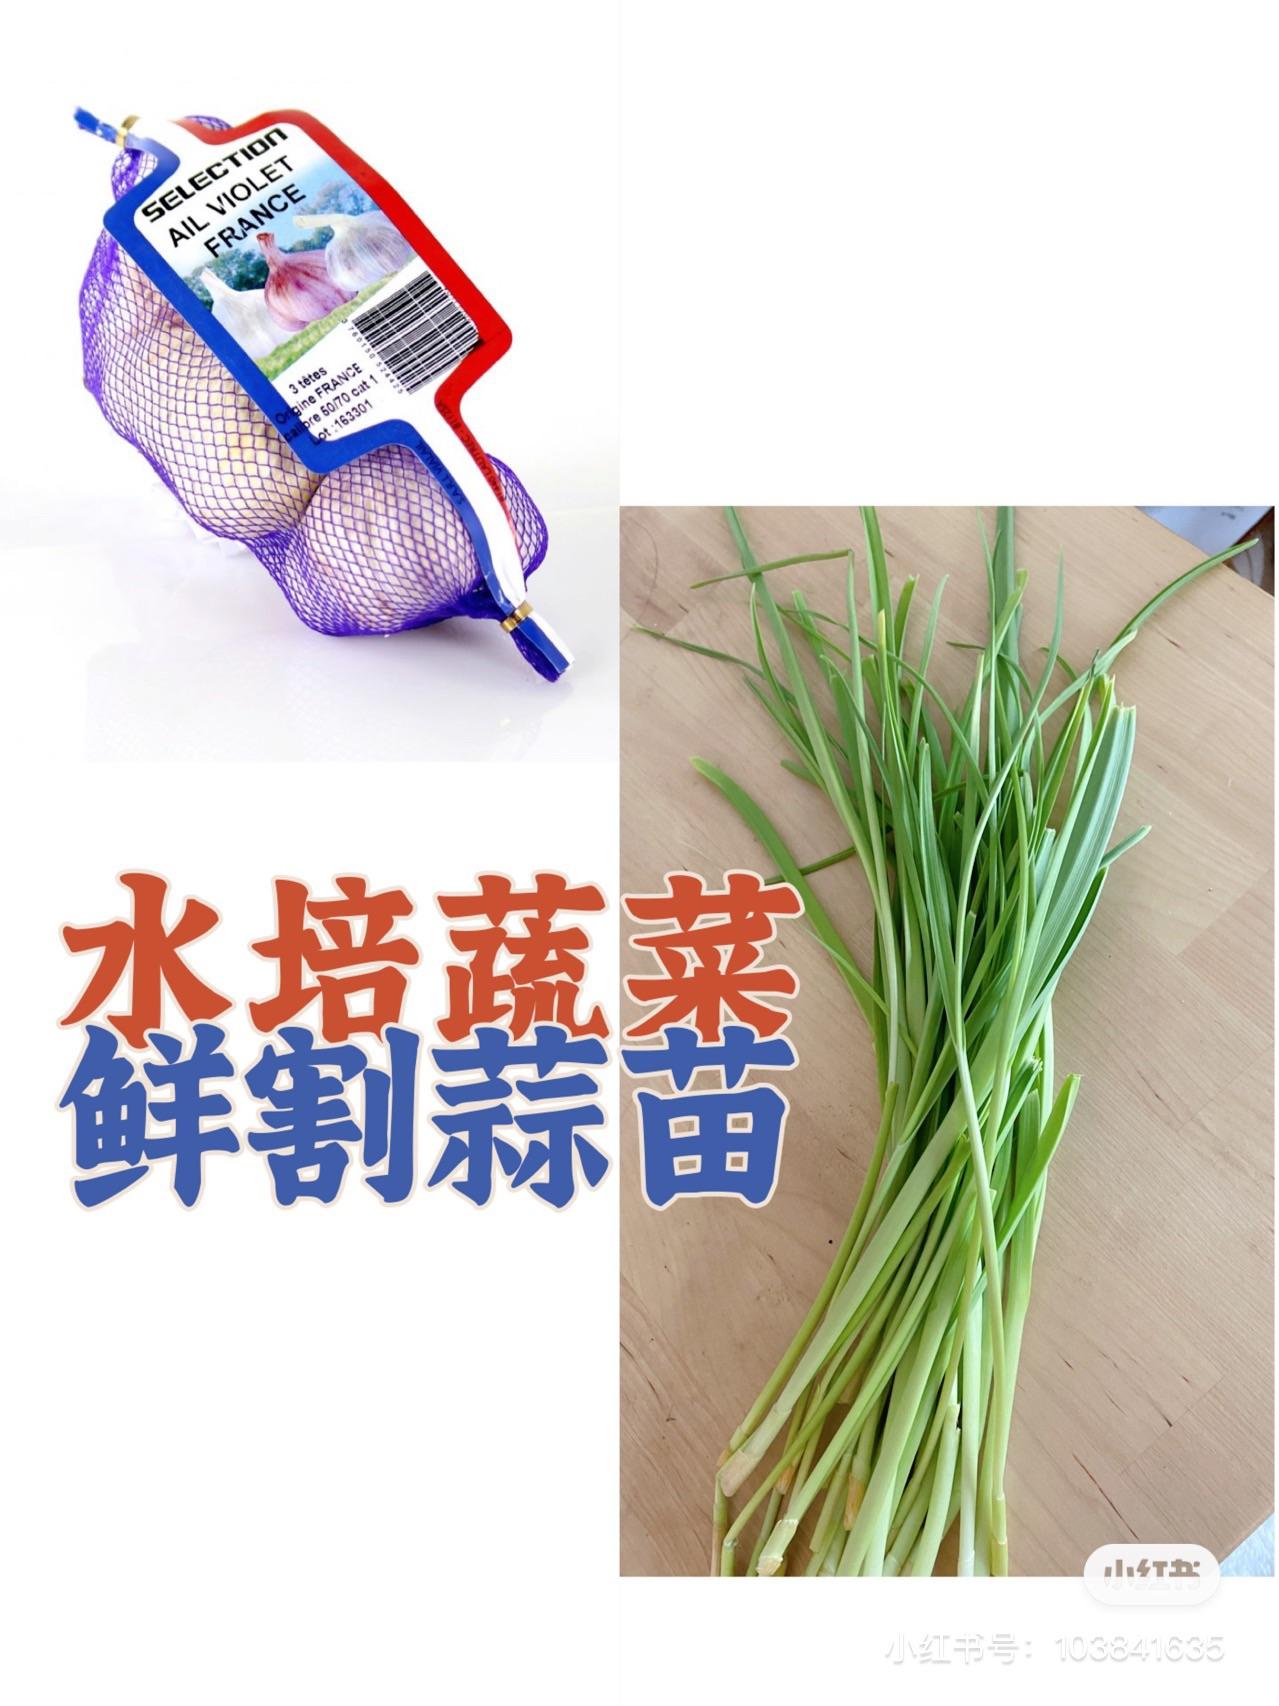 再生蔬菜 | 无情蒜苗收割机